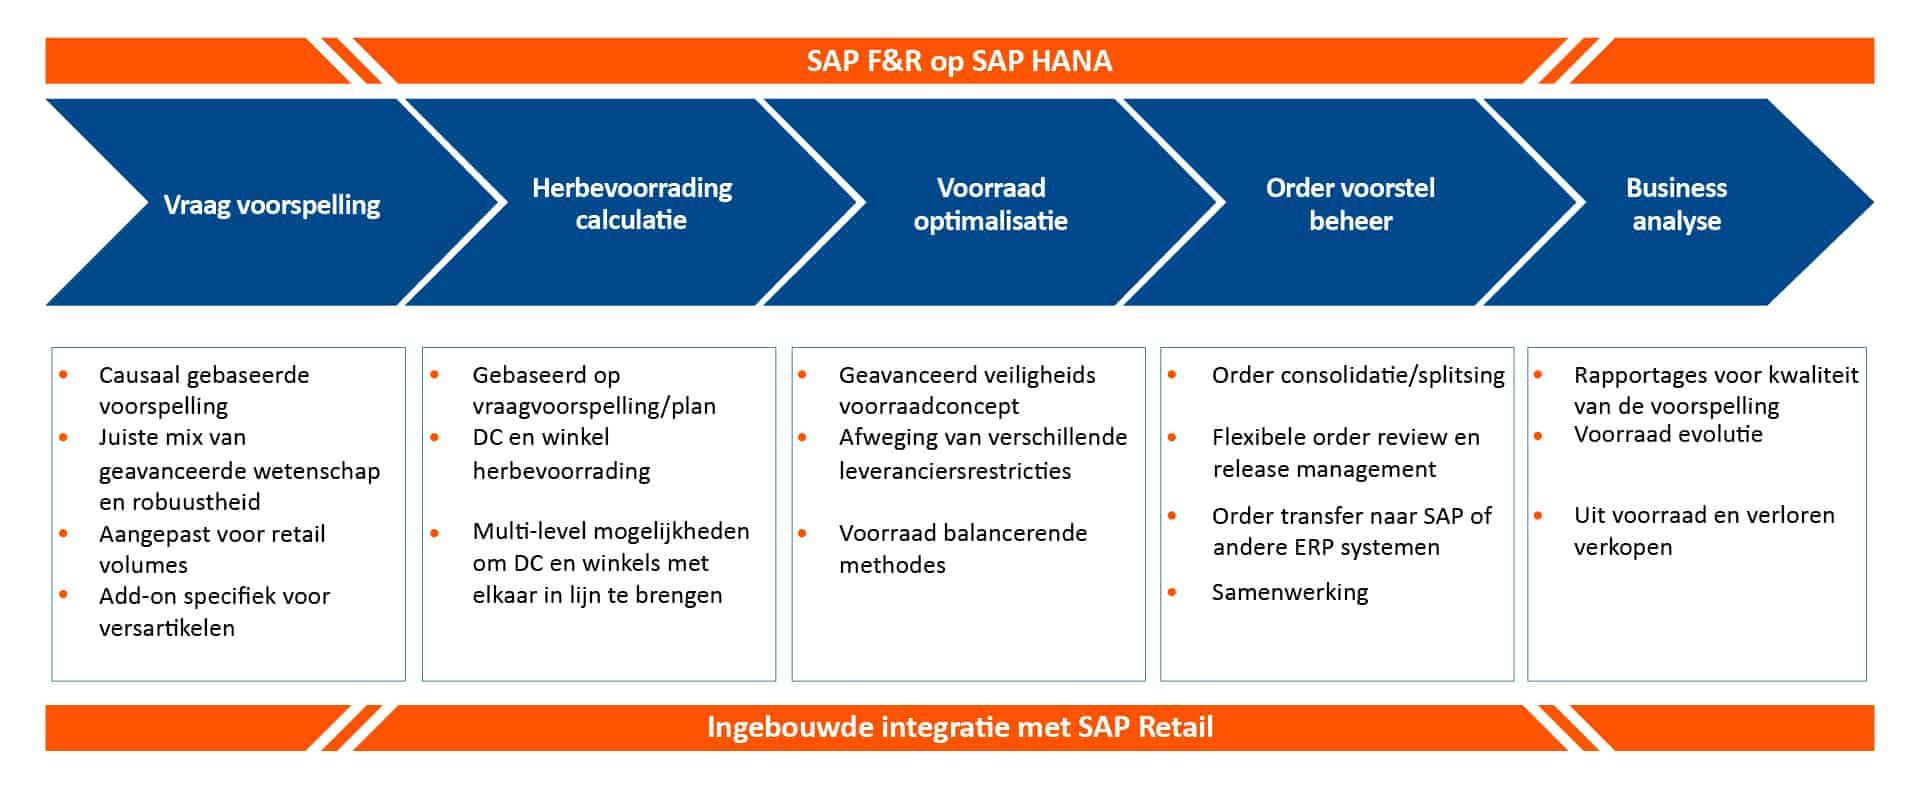 SAP F&R op SAP HANA